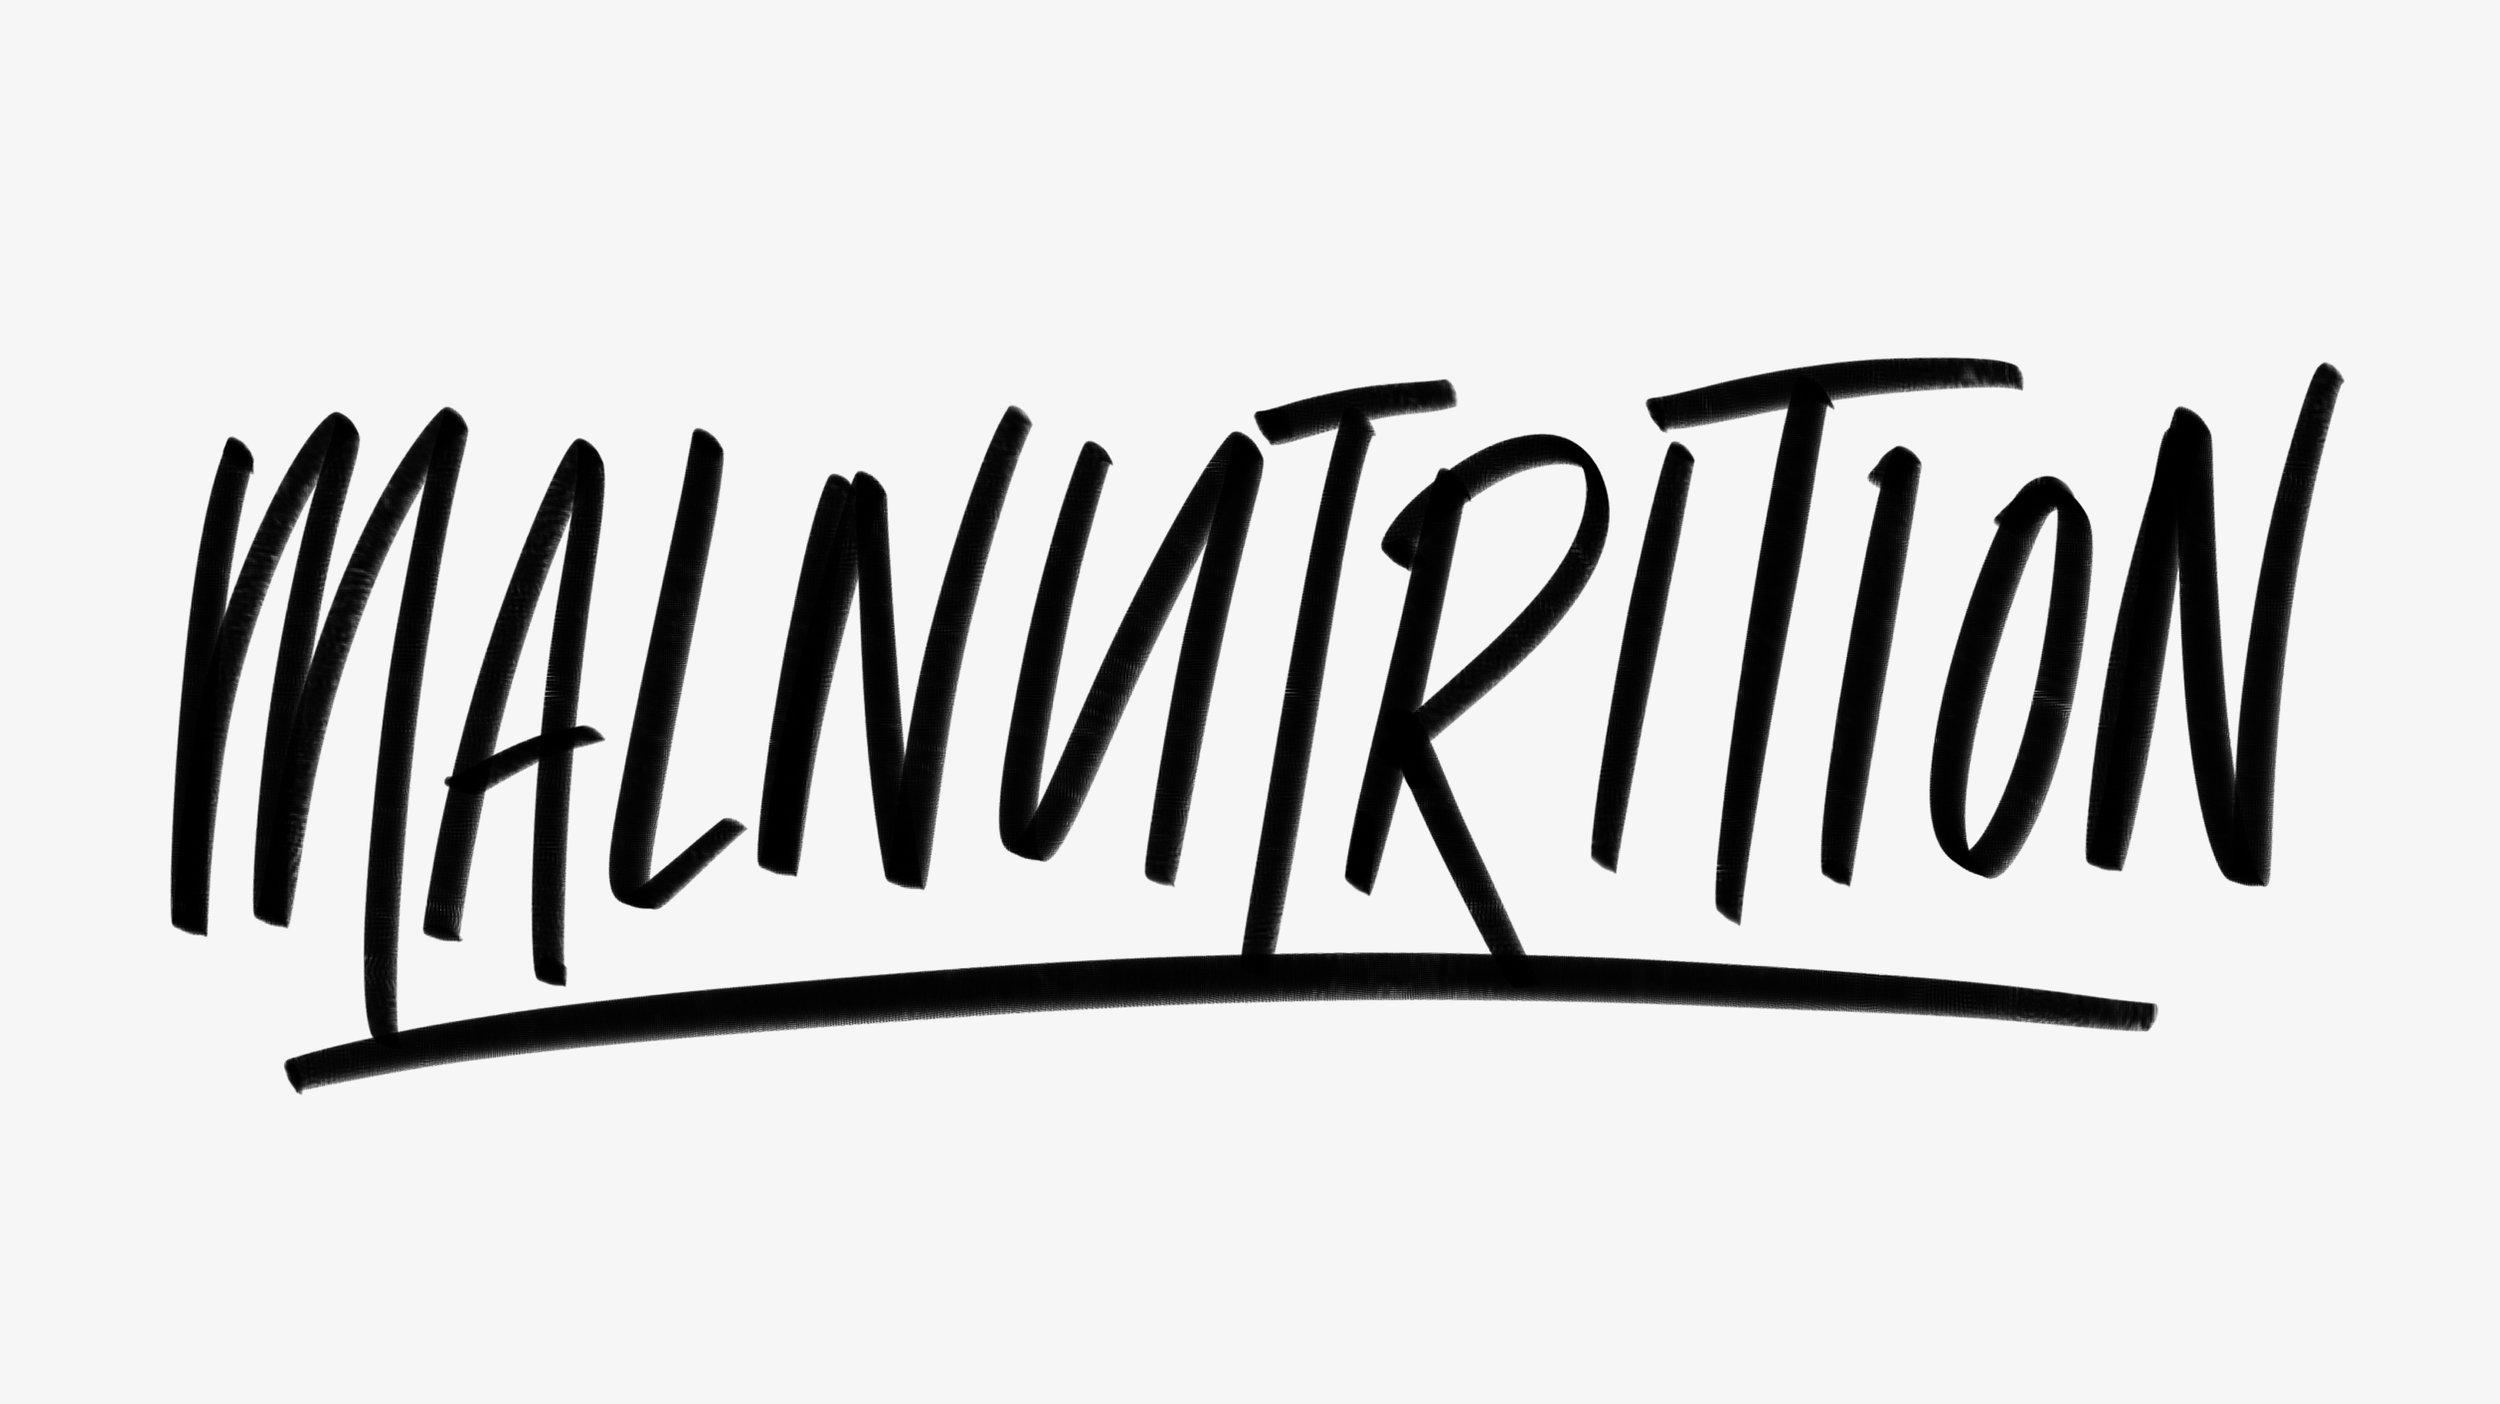 SC_Malnutrition.jpg